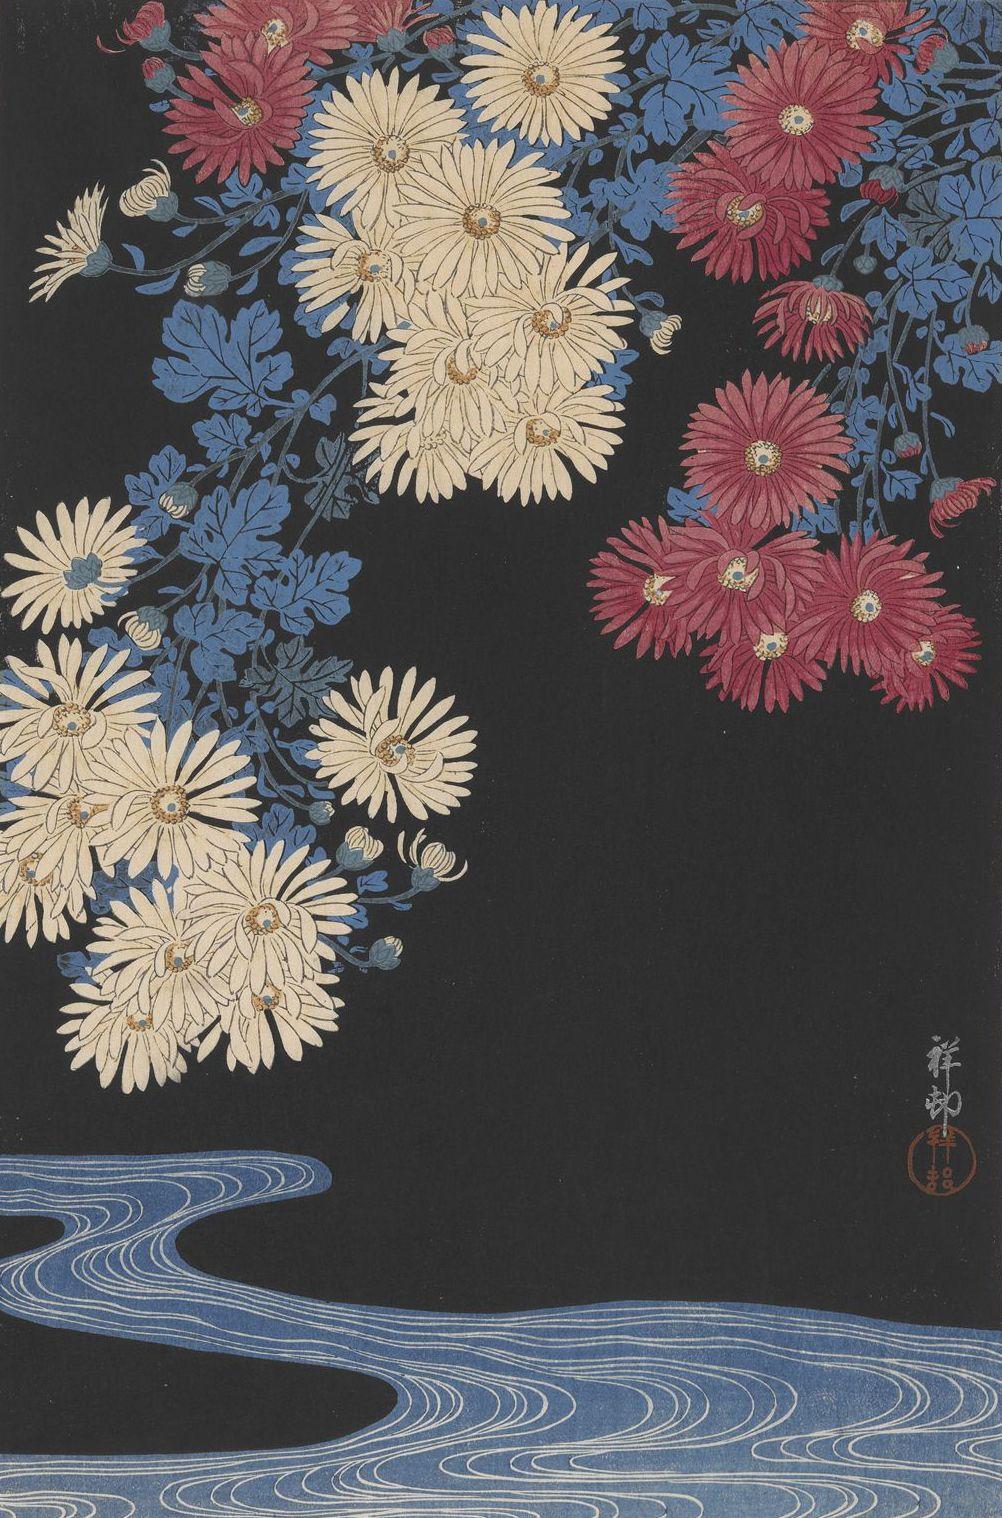 Chrysanthemum and Stream by Ohara Koson (1877-1945).